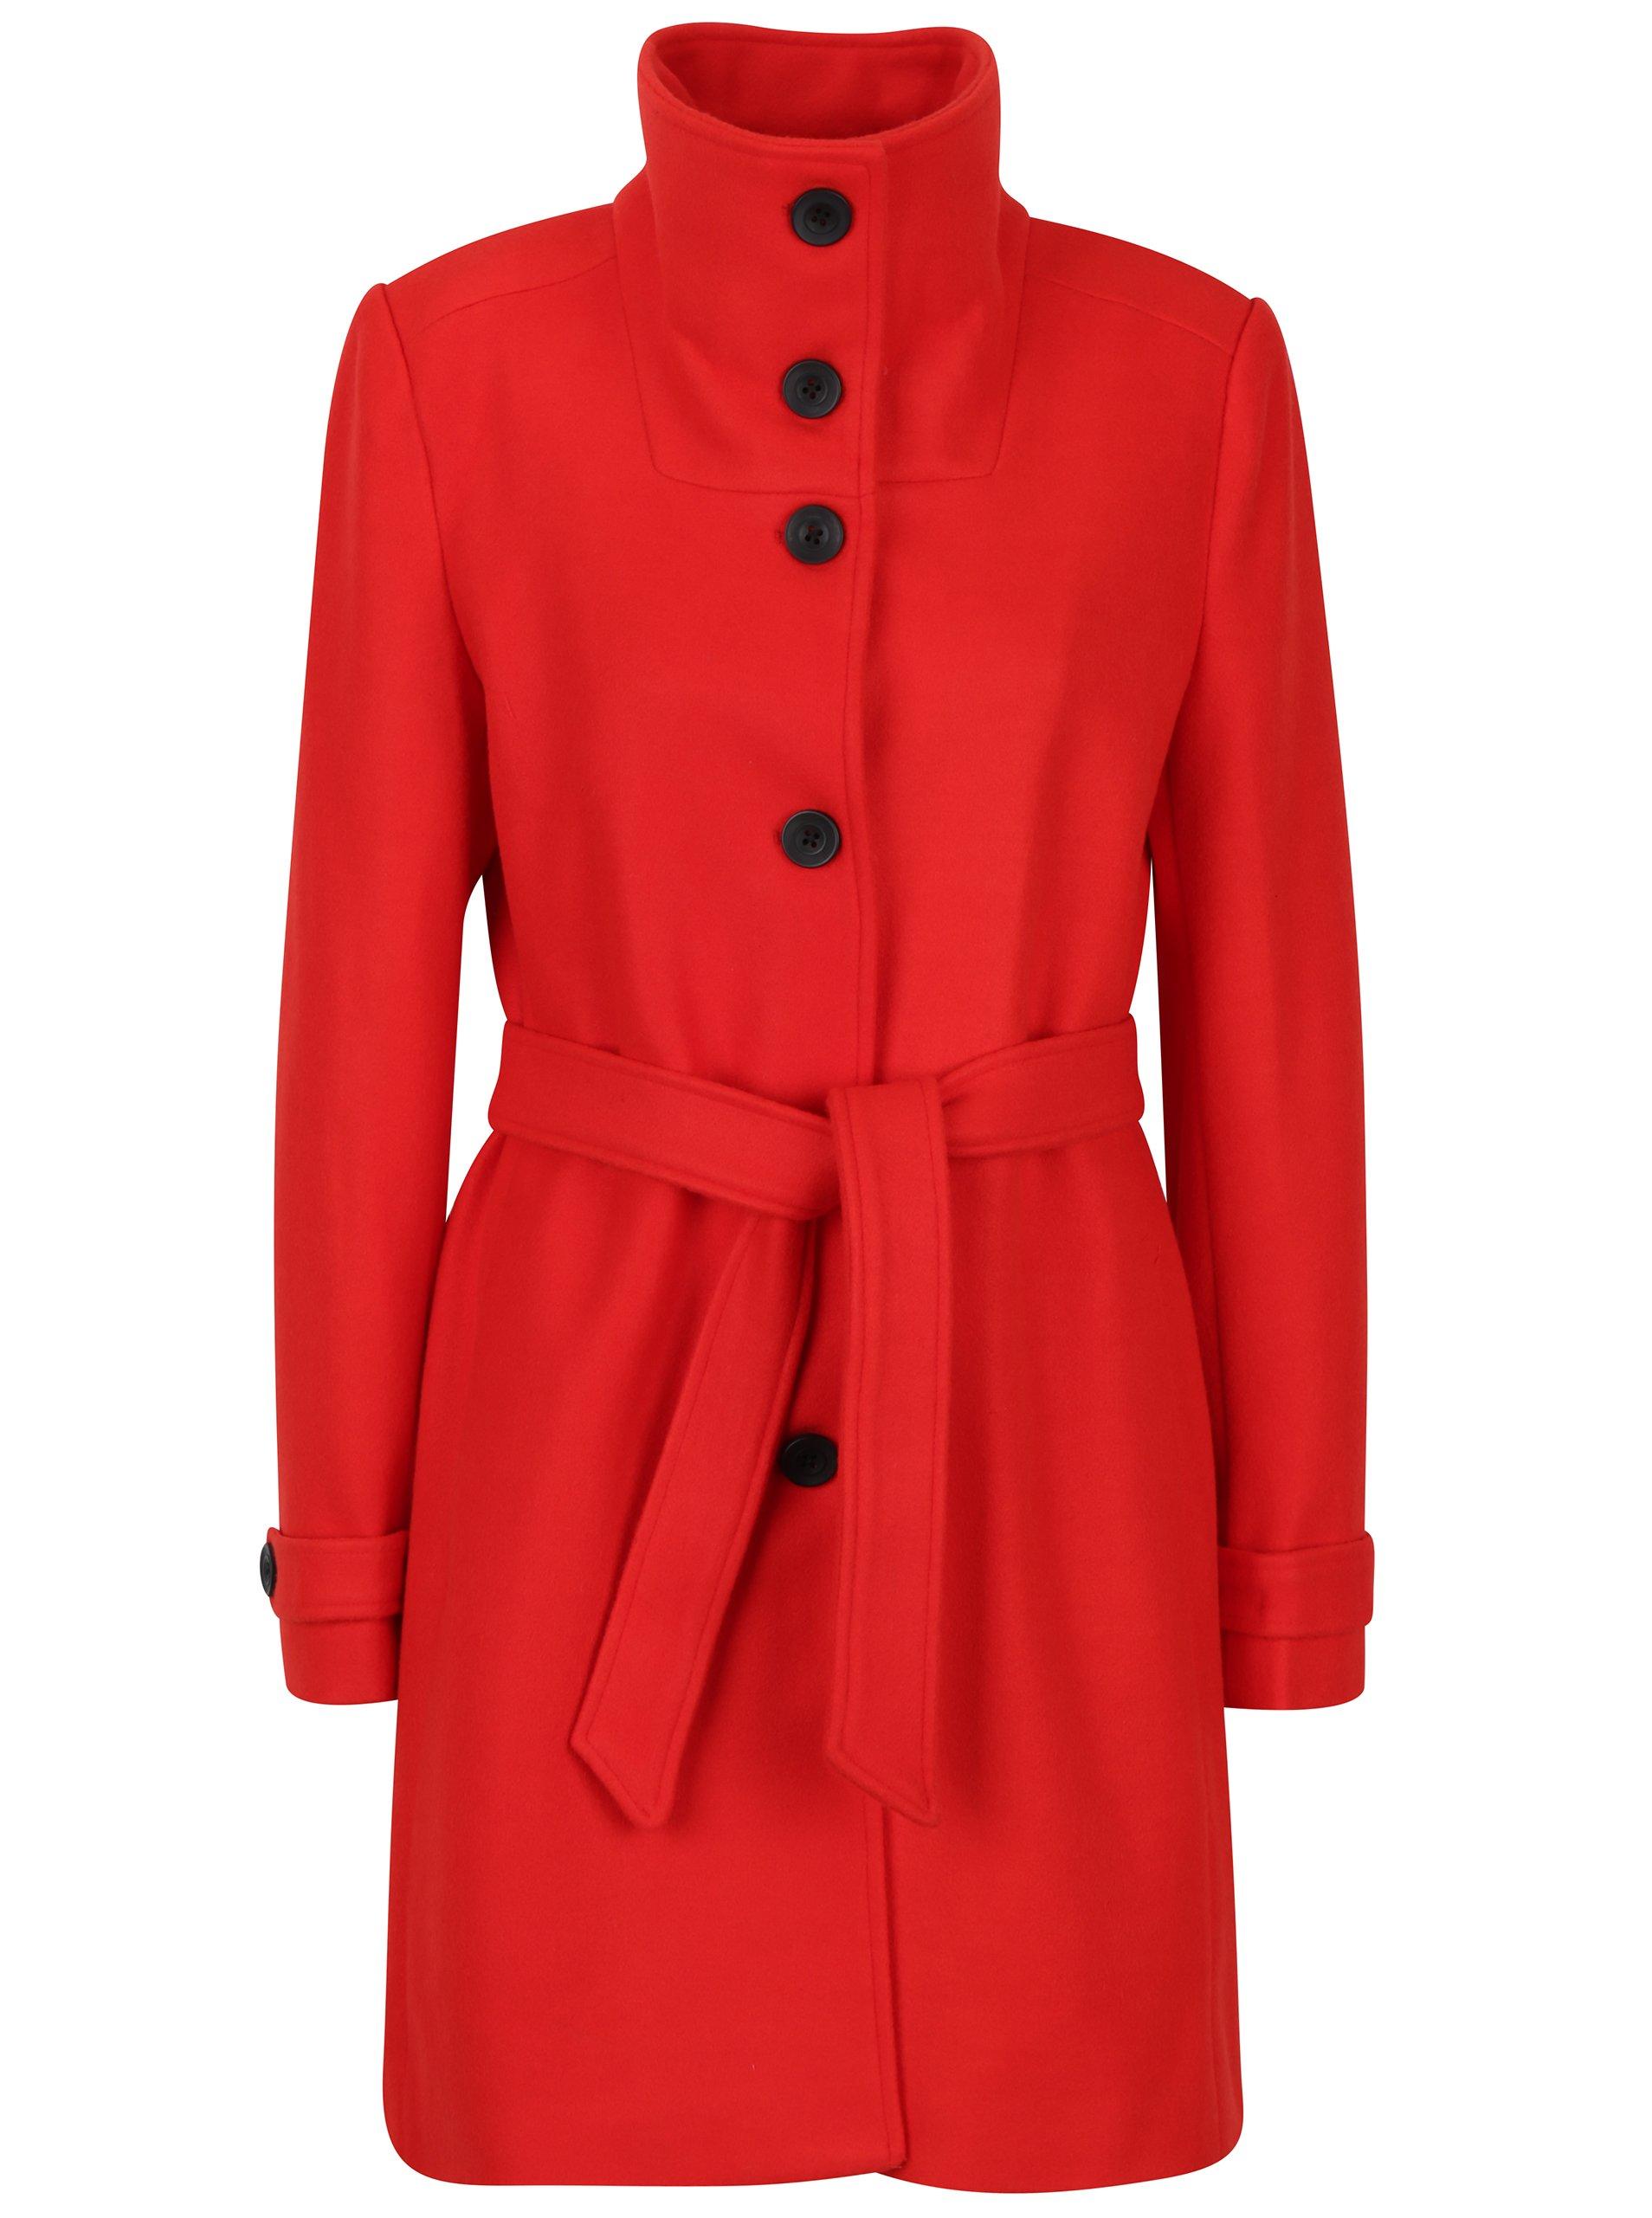 Červený kabát s příměsí vlny Smashed Lemon